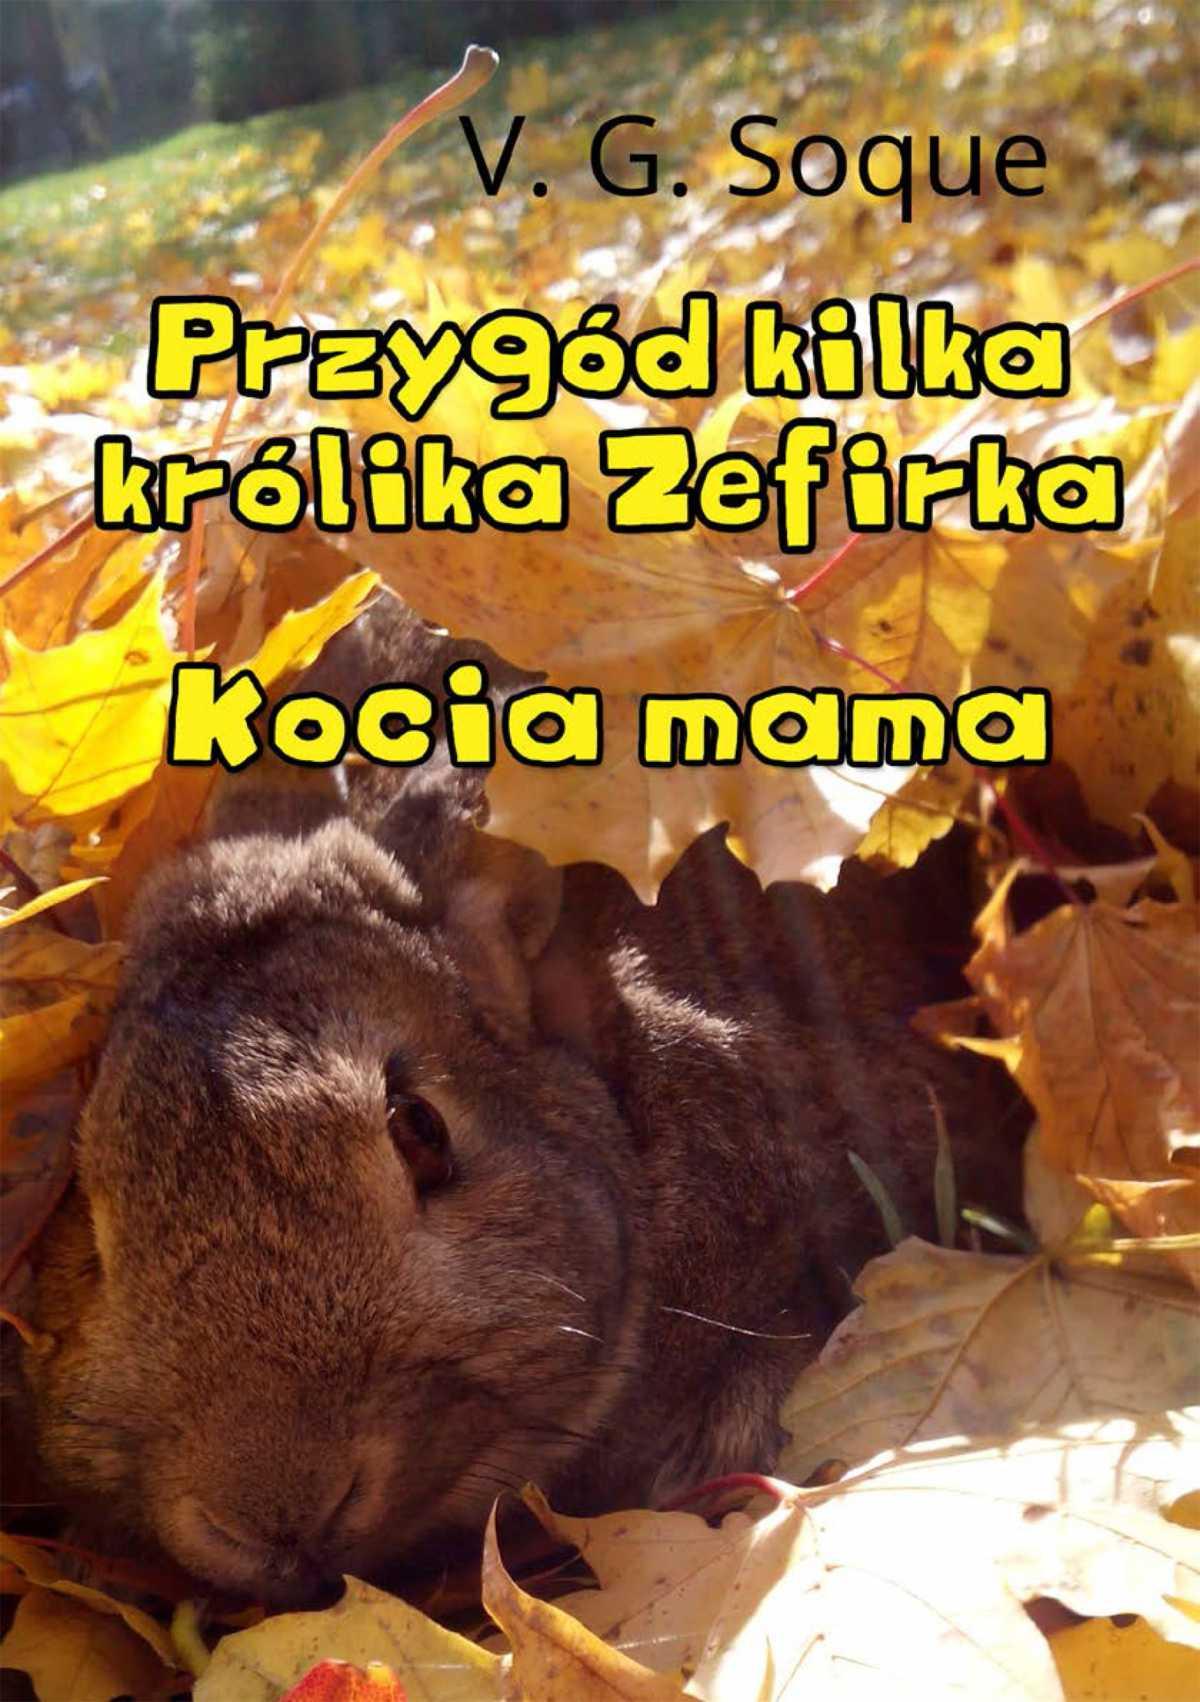 Przygód kilka królika Zefirka. Kocia mama - Ebook (Książka na Kindle) do pobrania w formacie MOBI